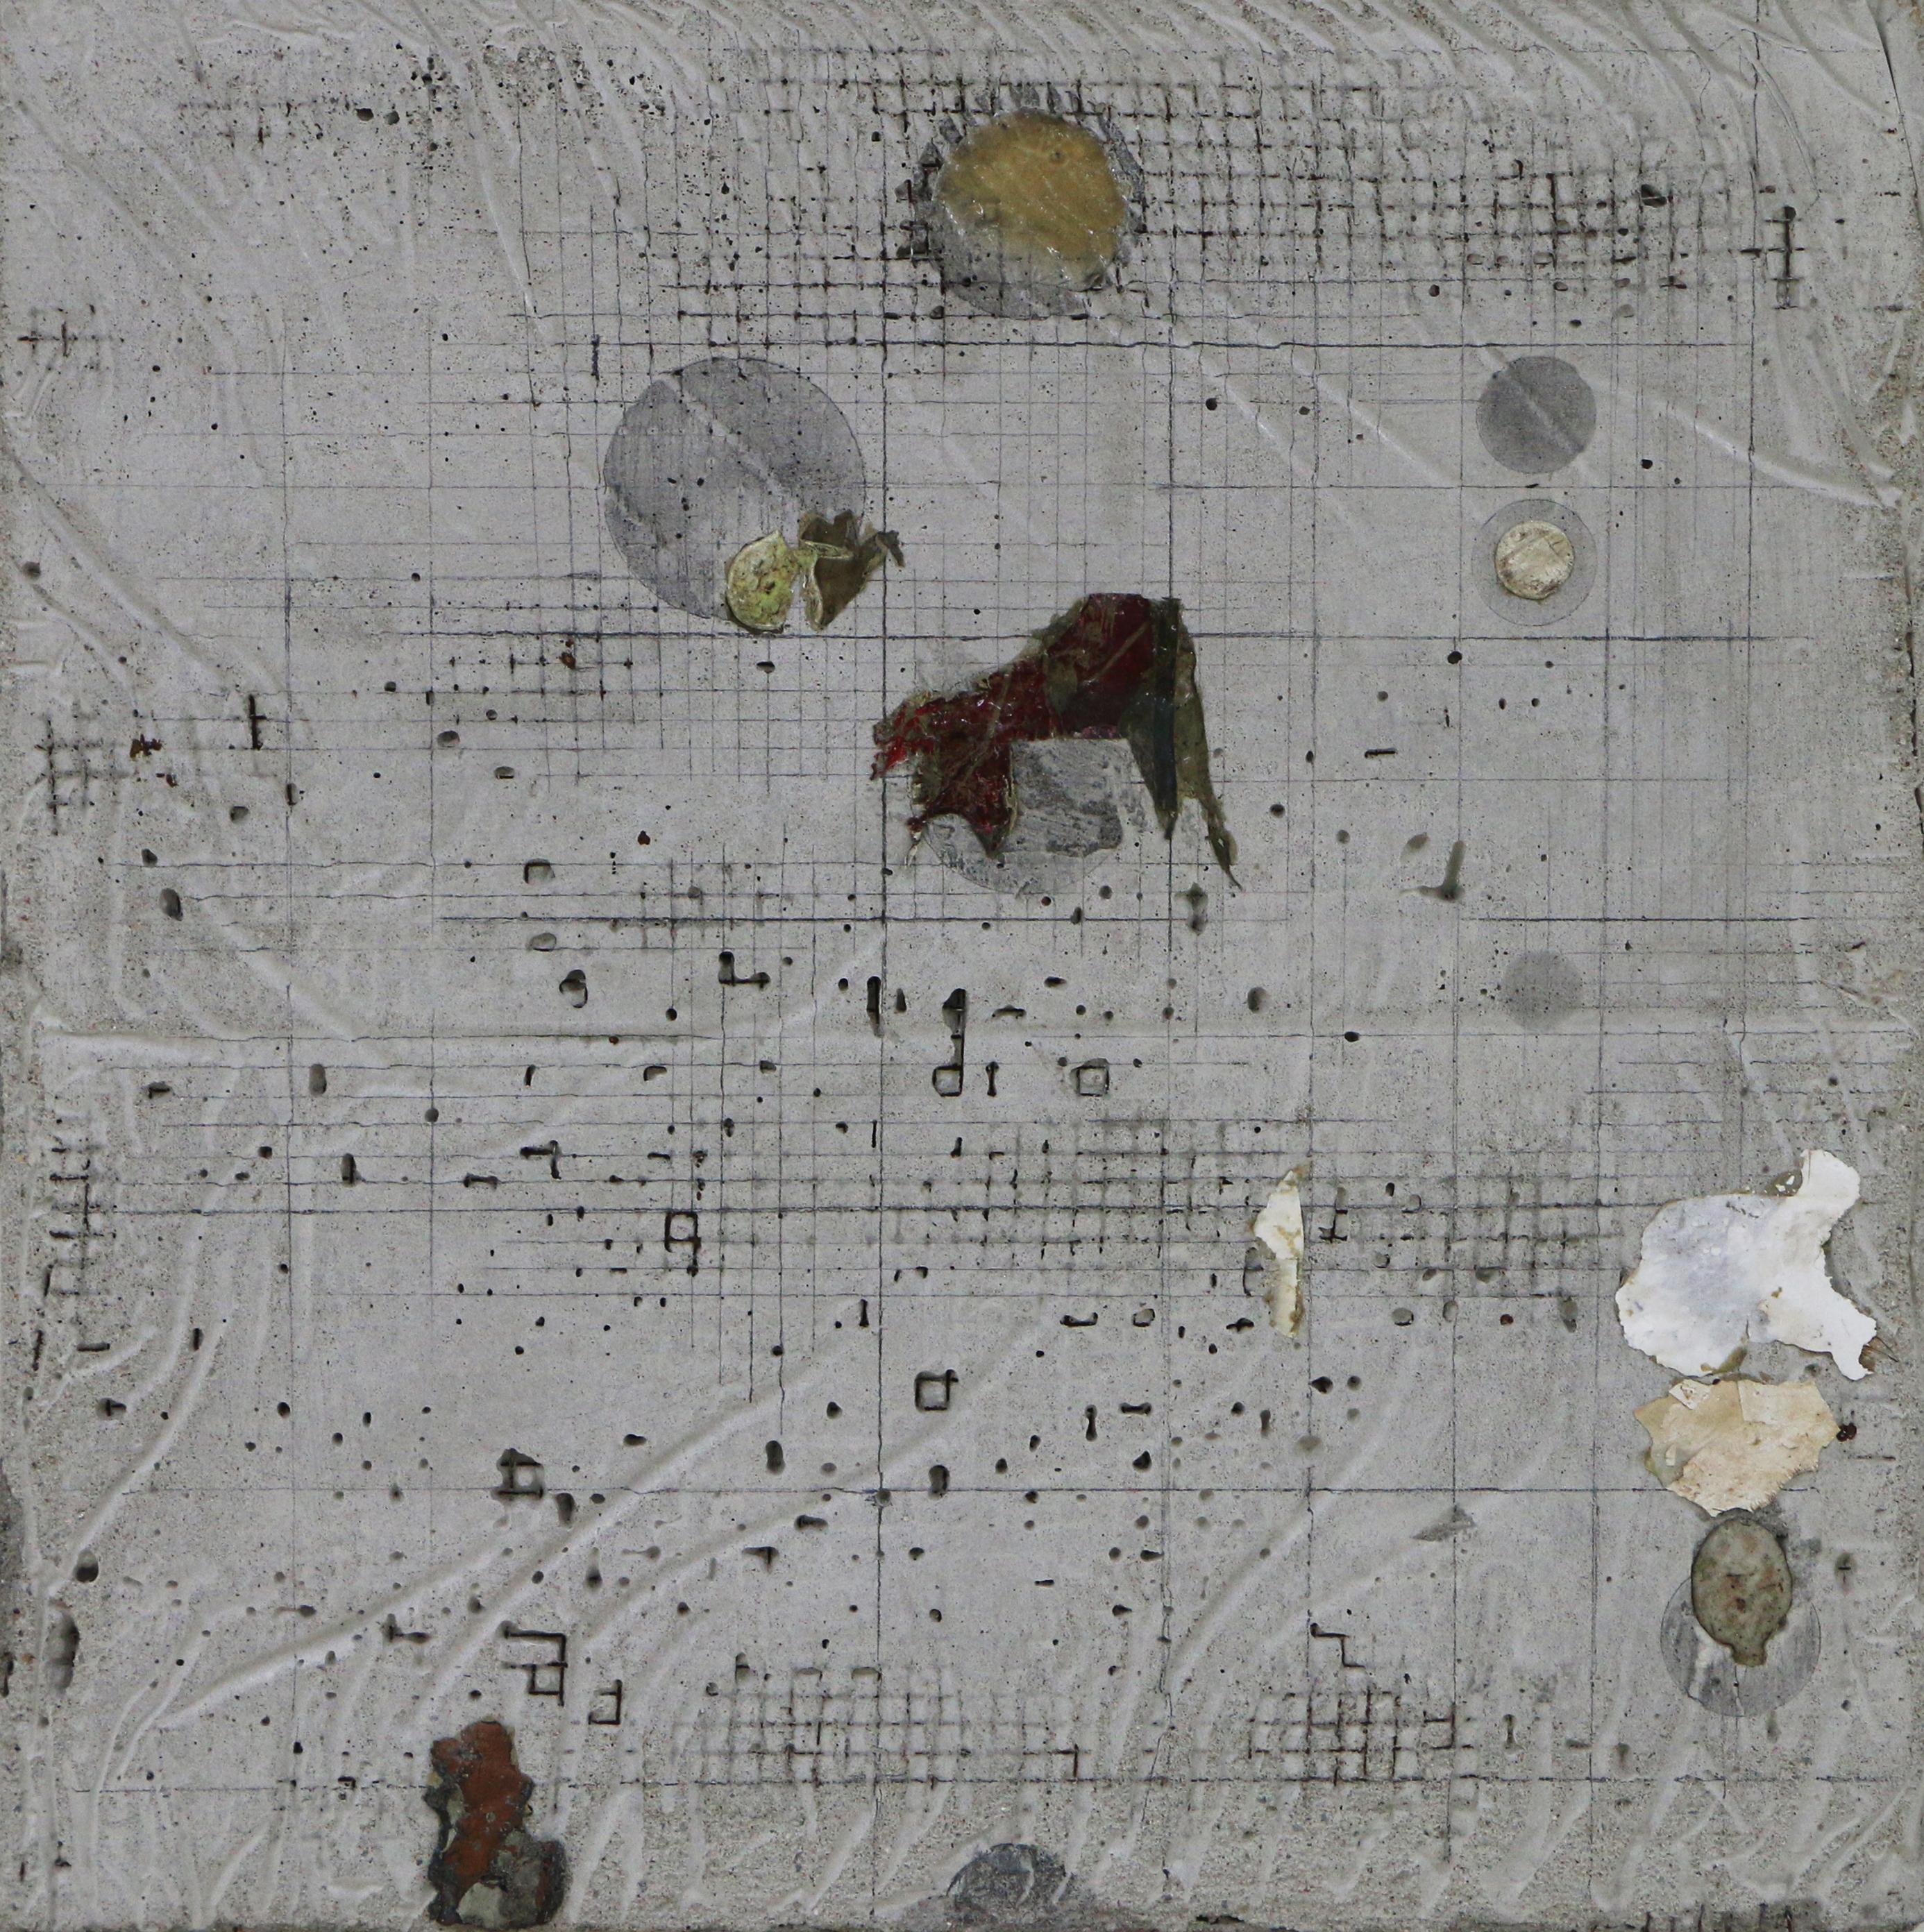 조기주 untitled-1733-grd-02